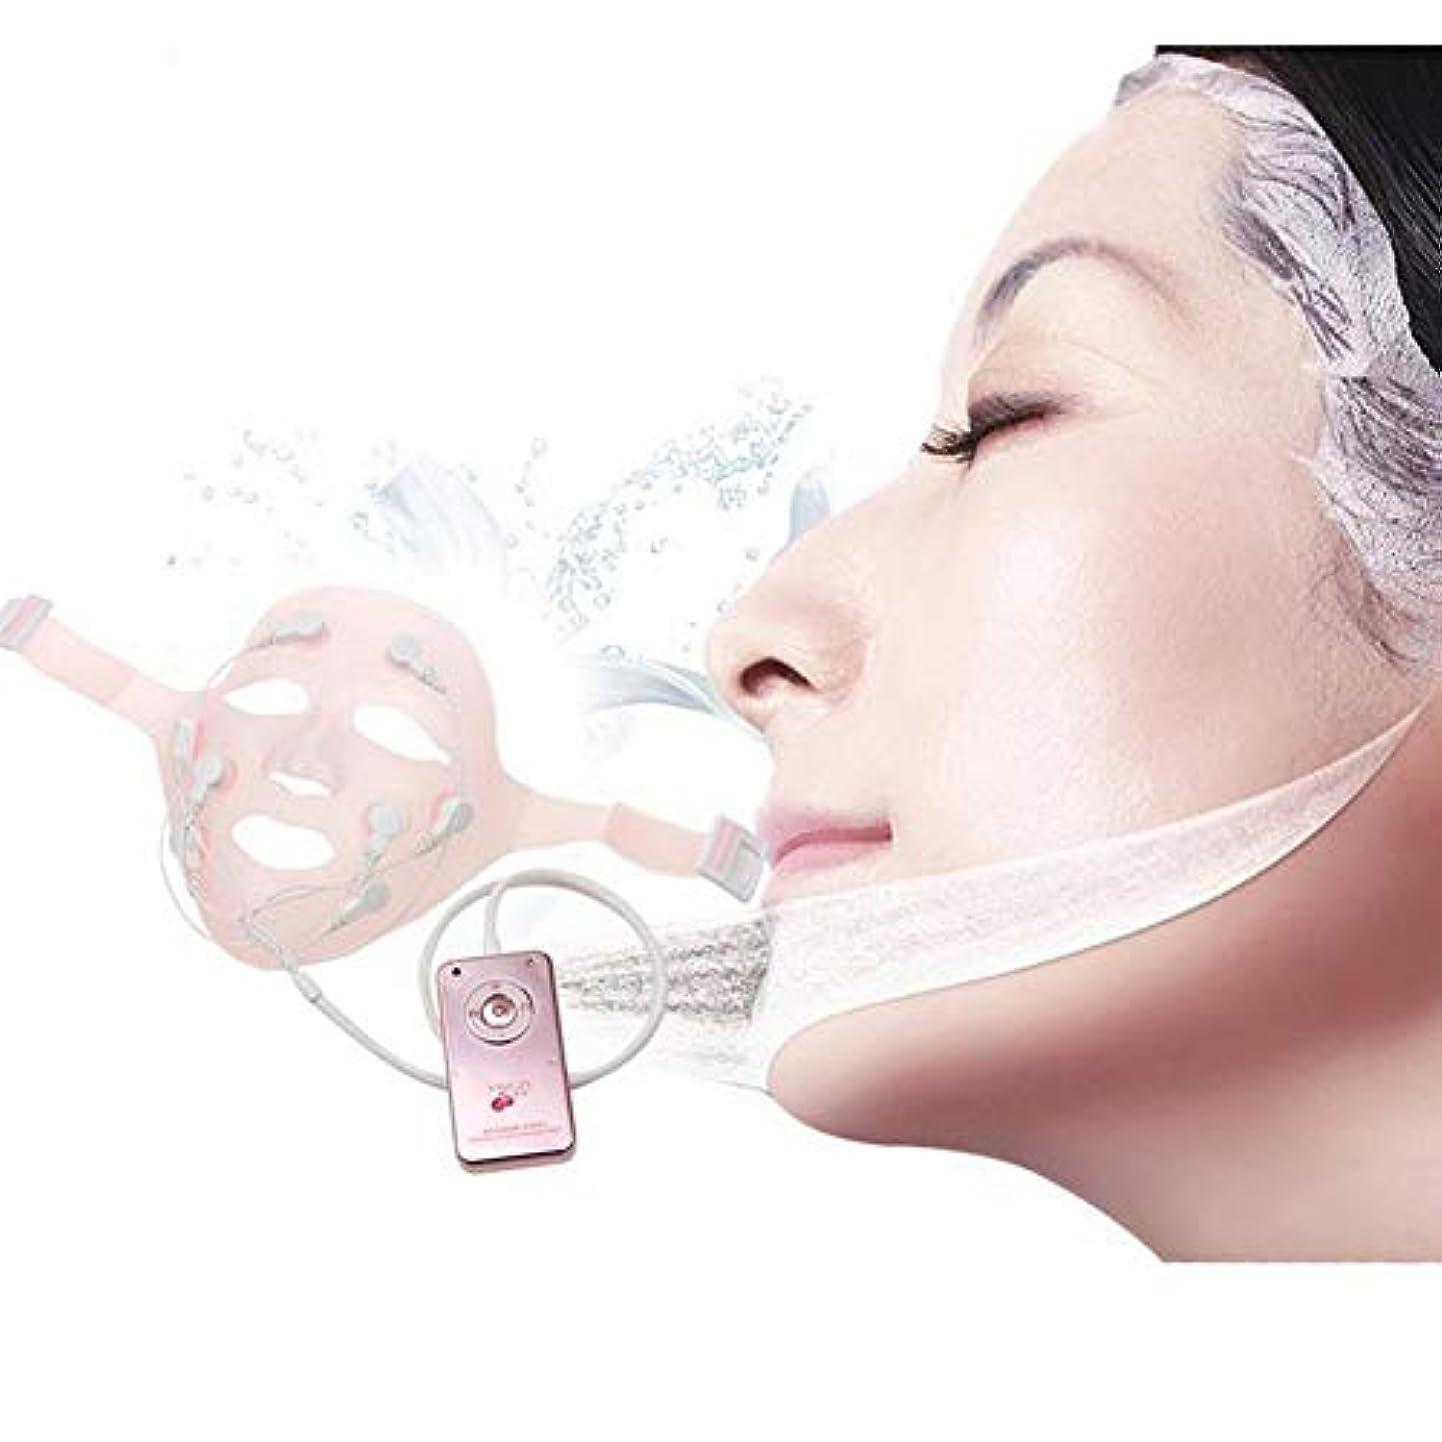 汚染された検体好色な電気EMS振動美容マッサージ機アンチリンクルマグネットマッサージフェイシャルスパフェイスマスク振動フェイシャルマッサージクイックフェイスリフトマスク